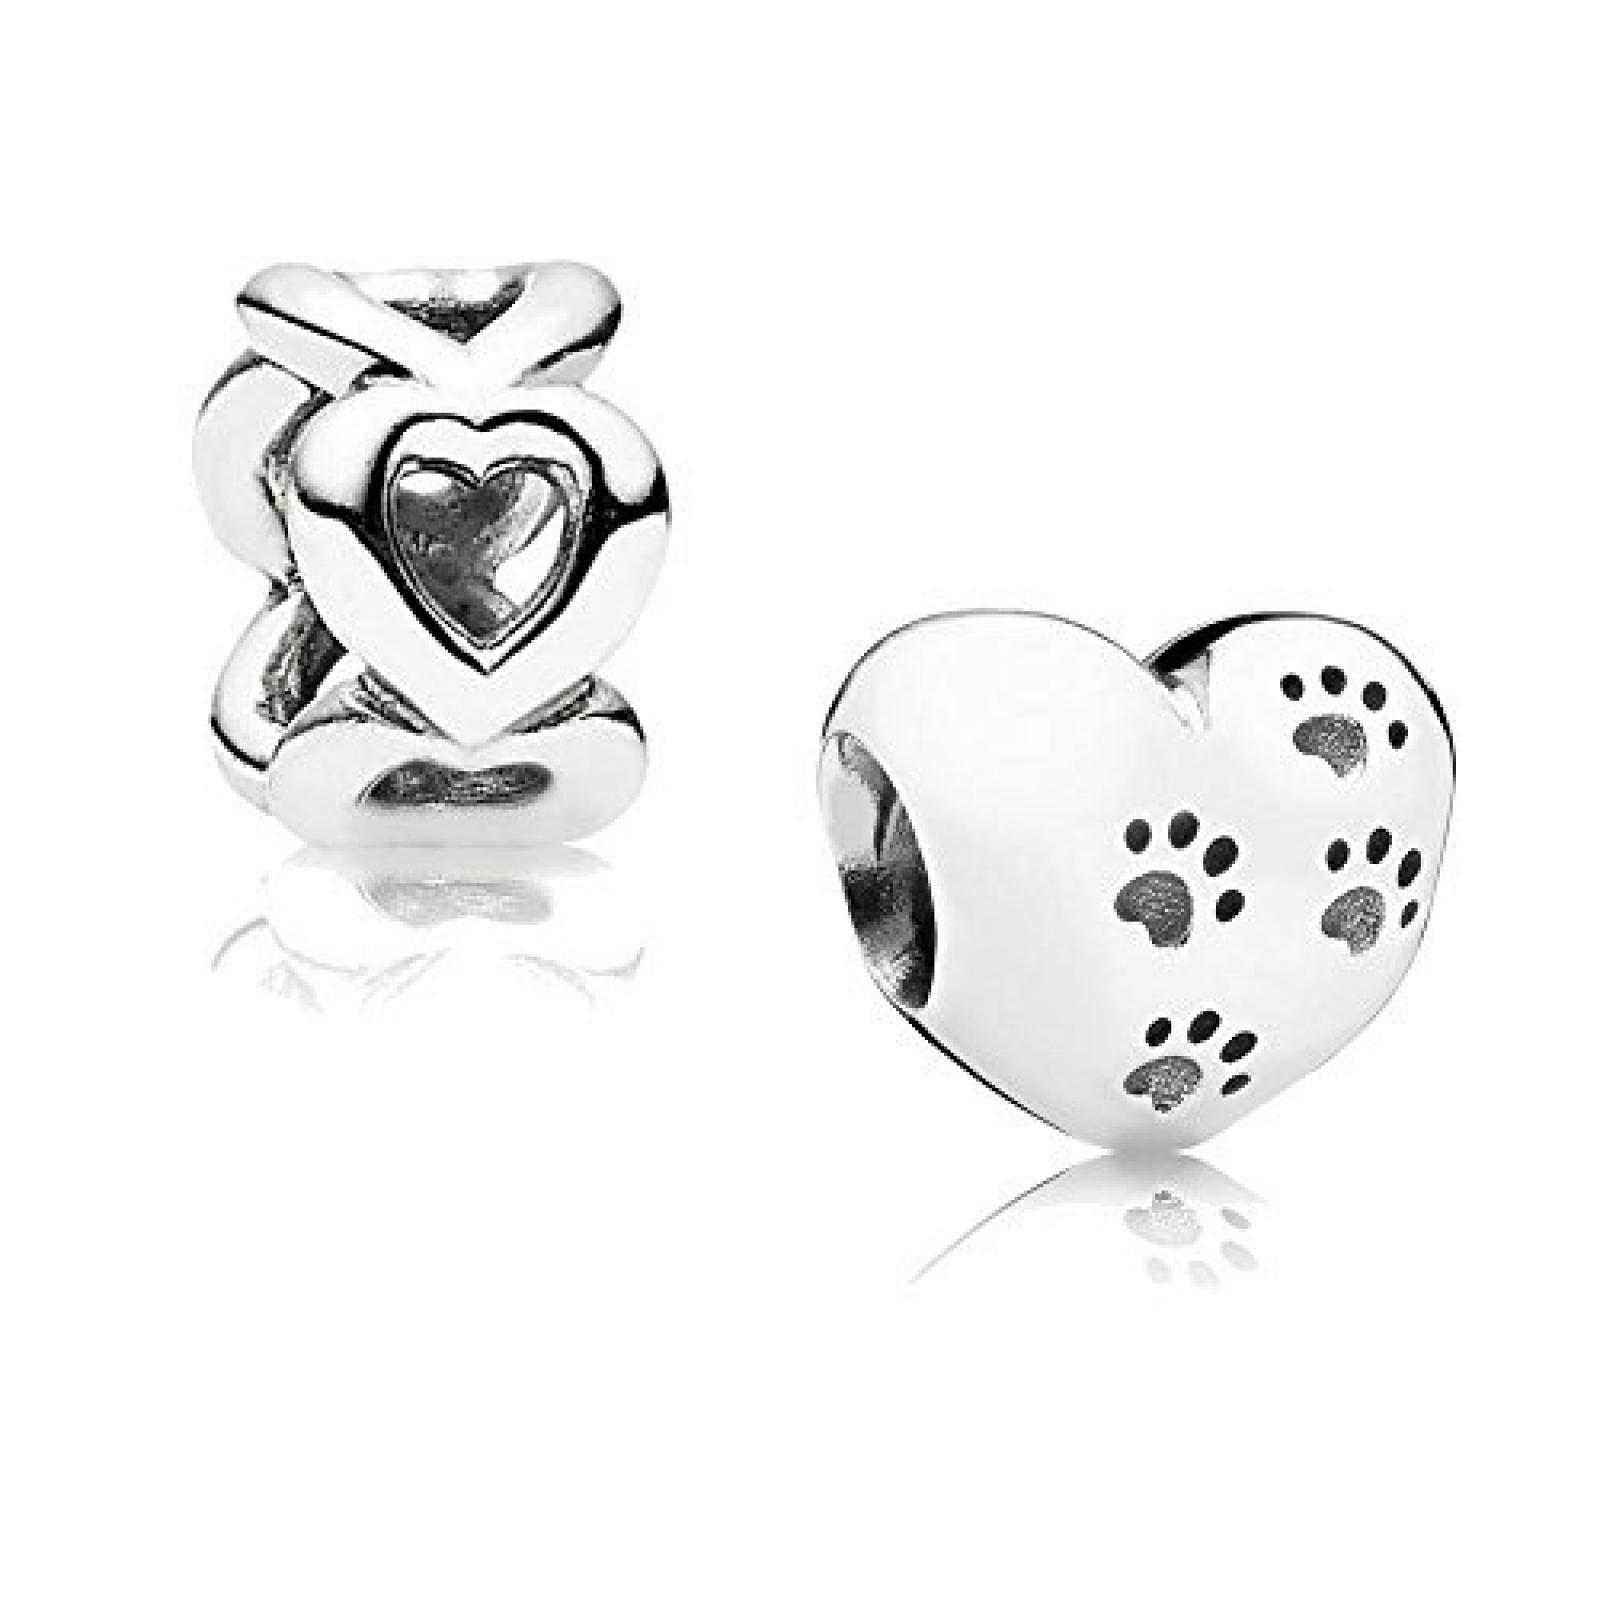 Original Pandora Geschenkset - 1 Silber Element Mein bester Freund 791262 und 1 Silber Zwischenelement Offene Herzen 790454